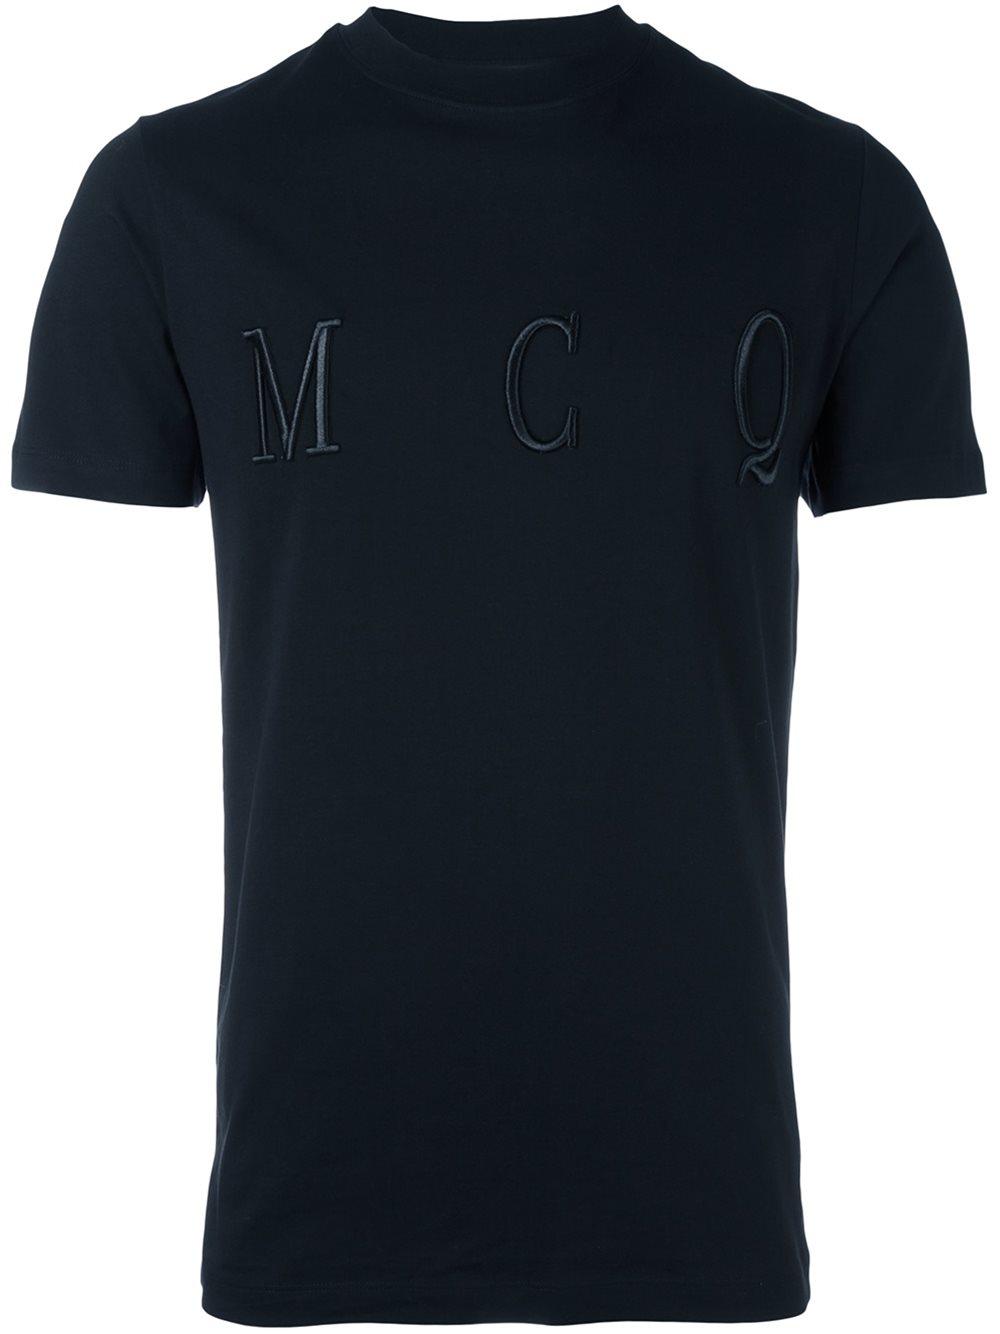 Mcq alexander mcqueen embroidered logo t shirt in blue for for Embroidered logos on shirts